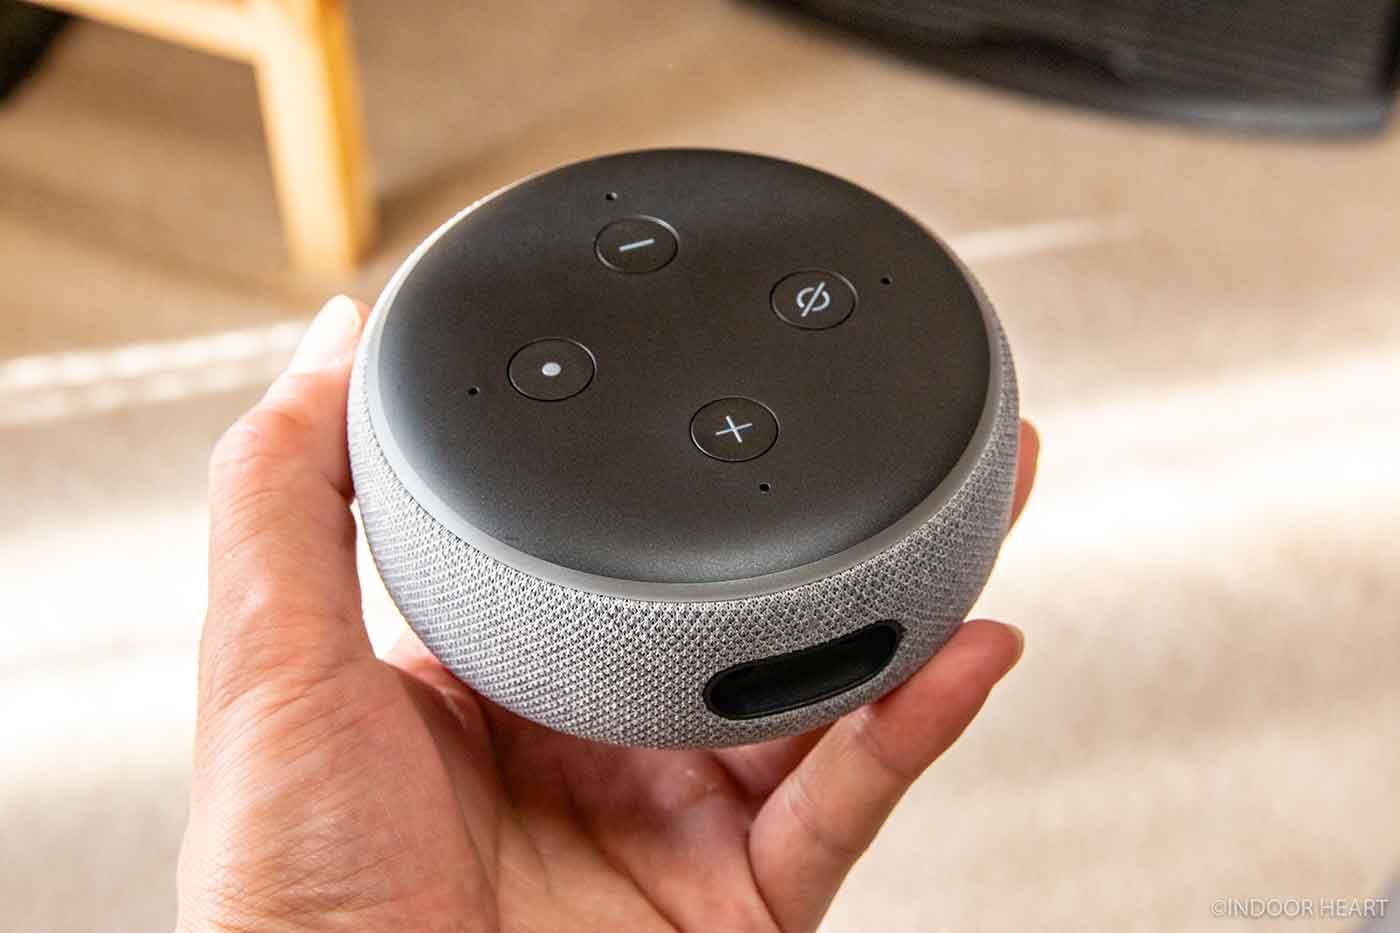 Echo Dotを手に持ったところ